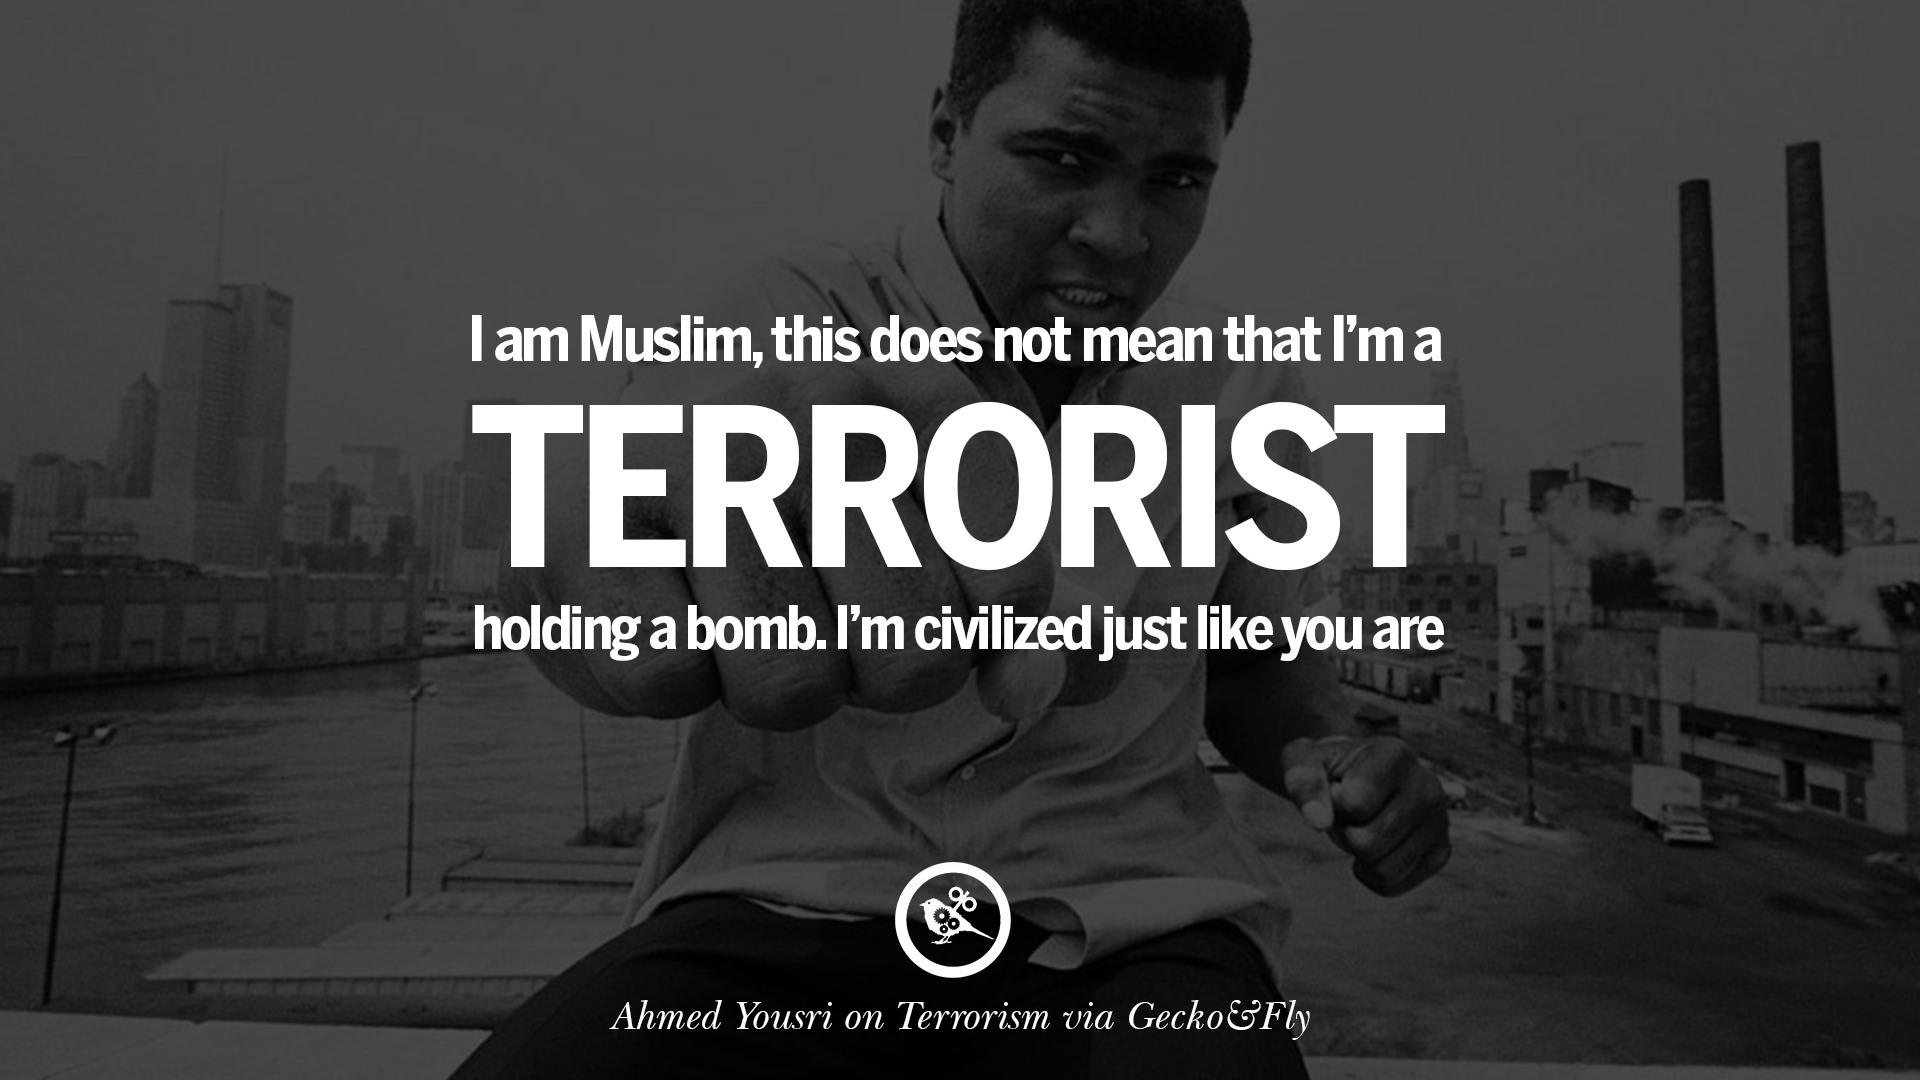 TERRORISM QUOTES